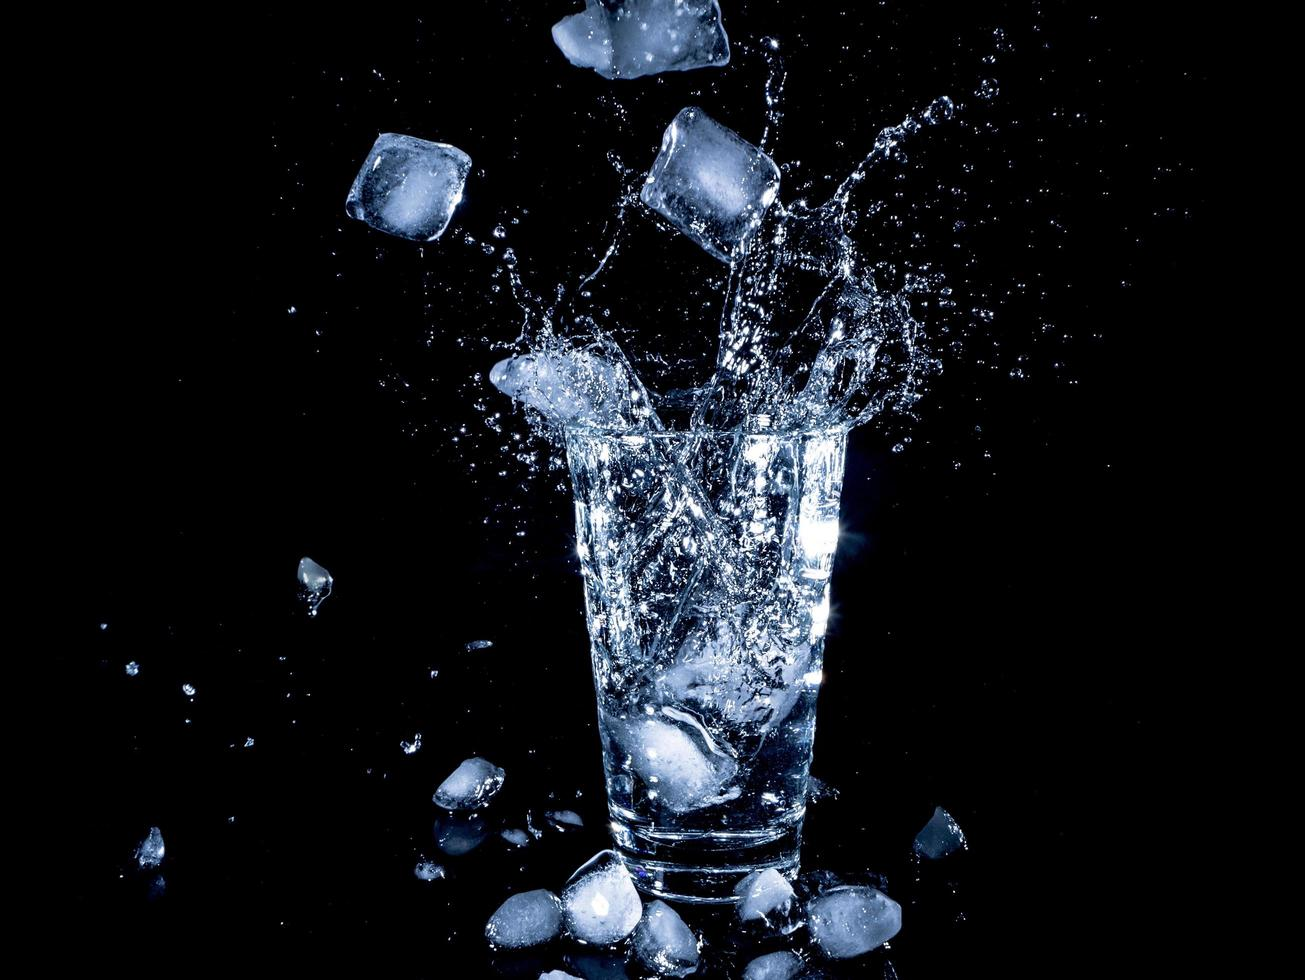 Eiswürfel fielen in einen klaren Trinkbecher mit Wasser foto